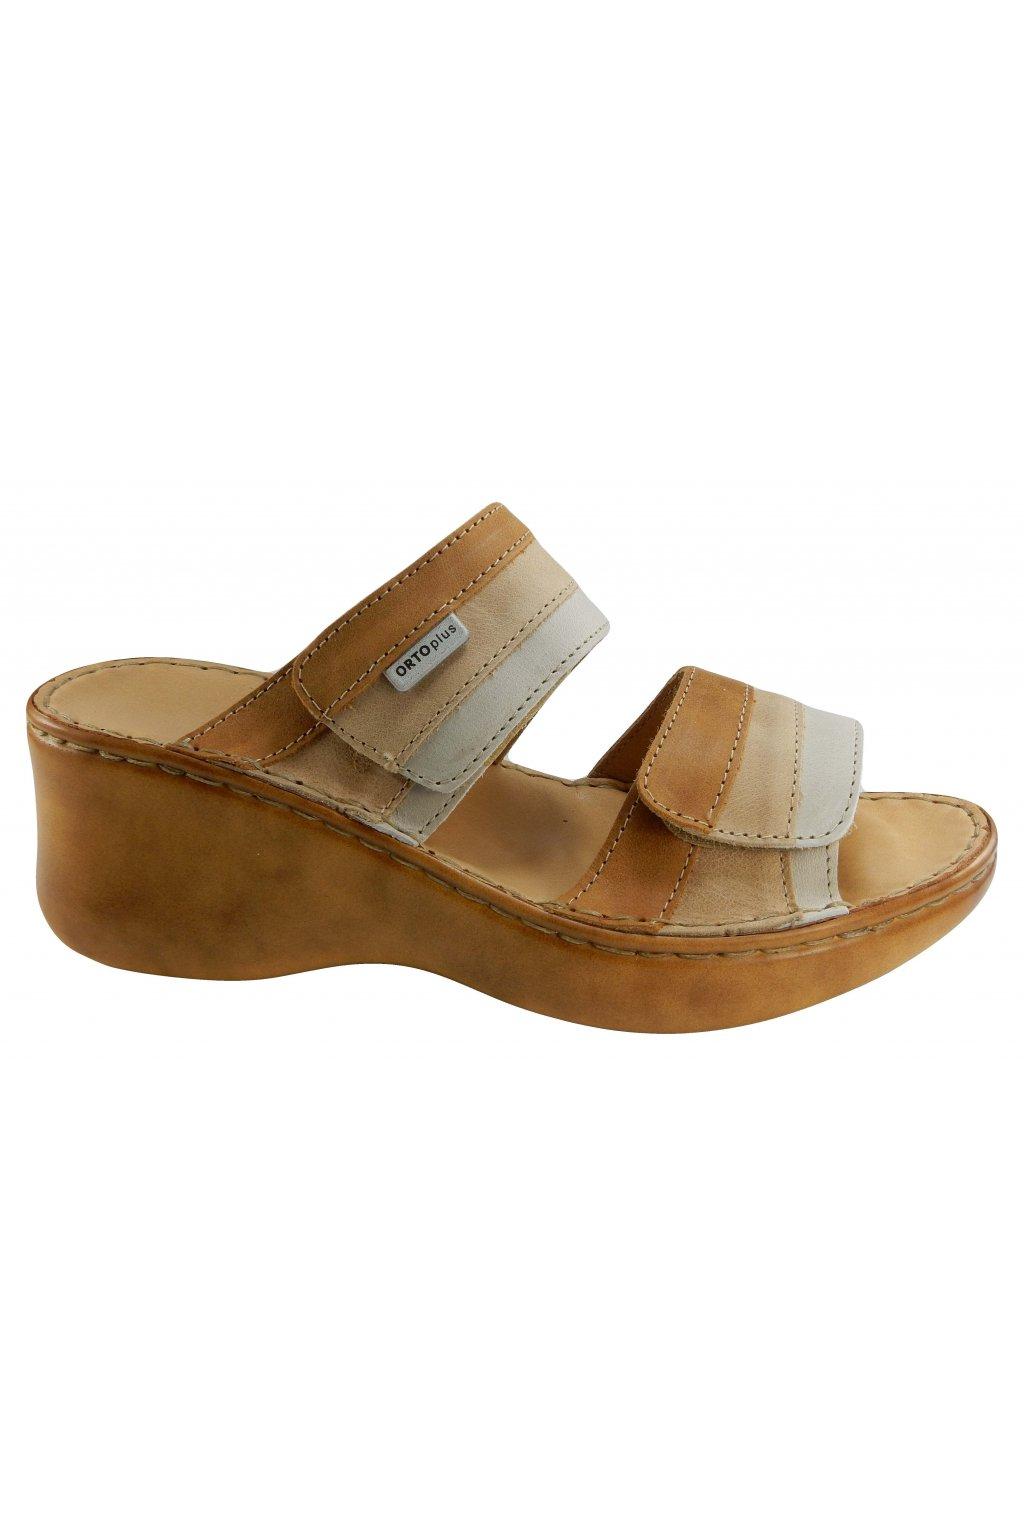 Dámská vycházková obuv na klínu ORTO PLUS 3047